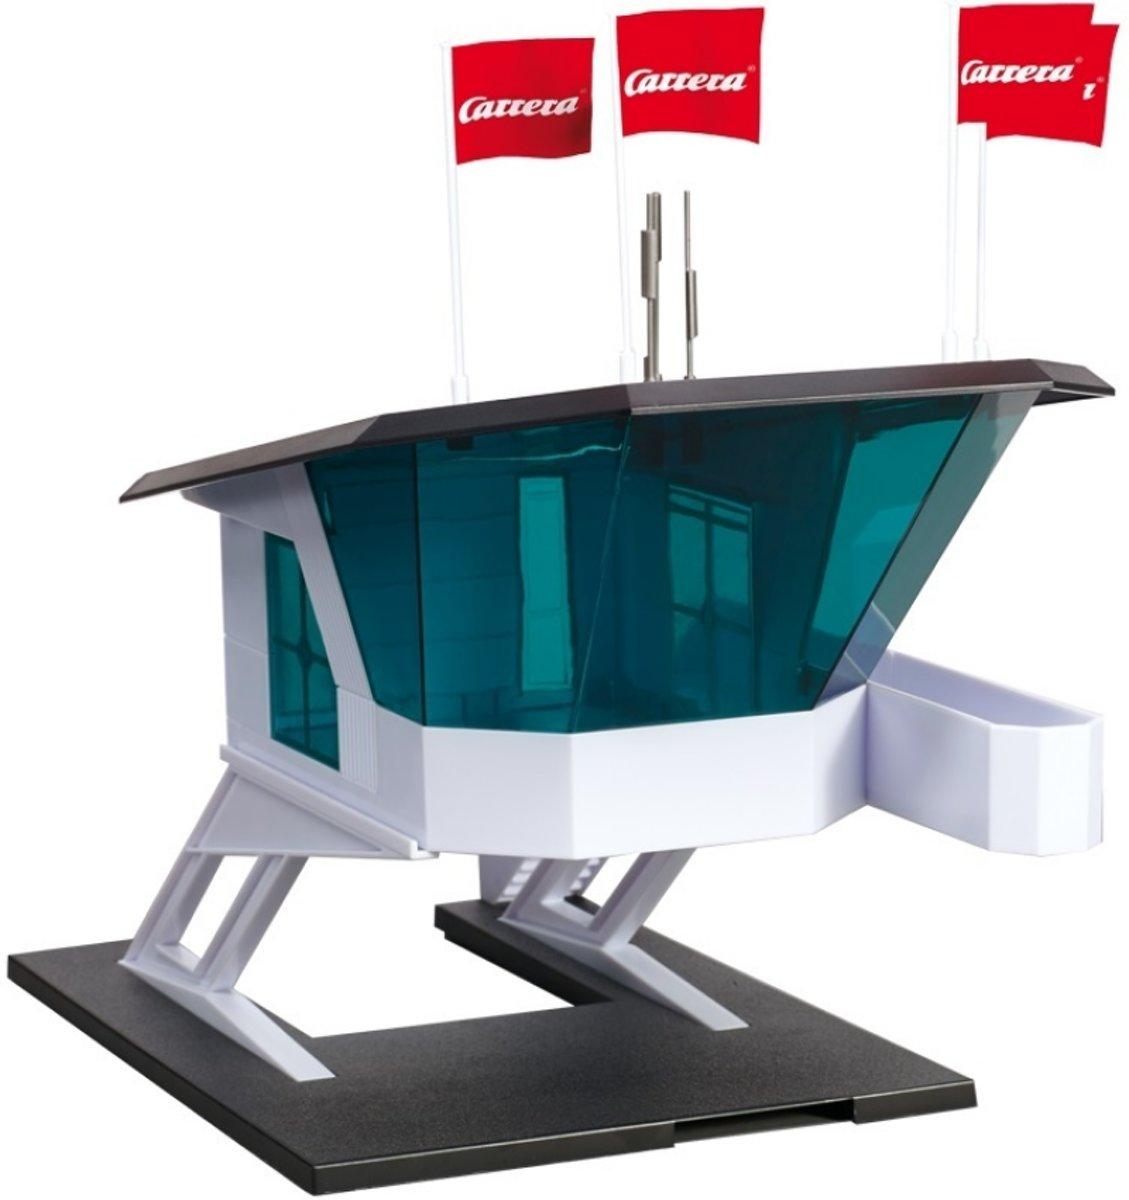 Carrera Controletoren -racebanen - 1:32 - 1:24